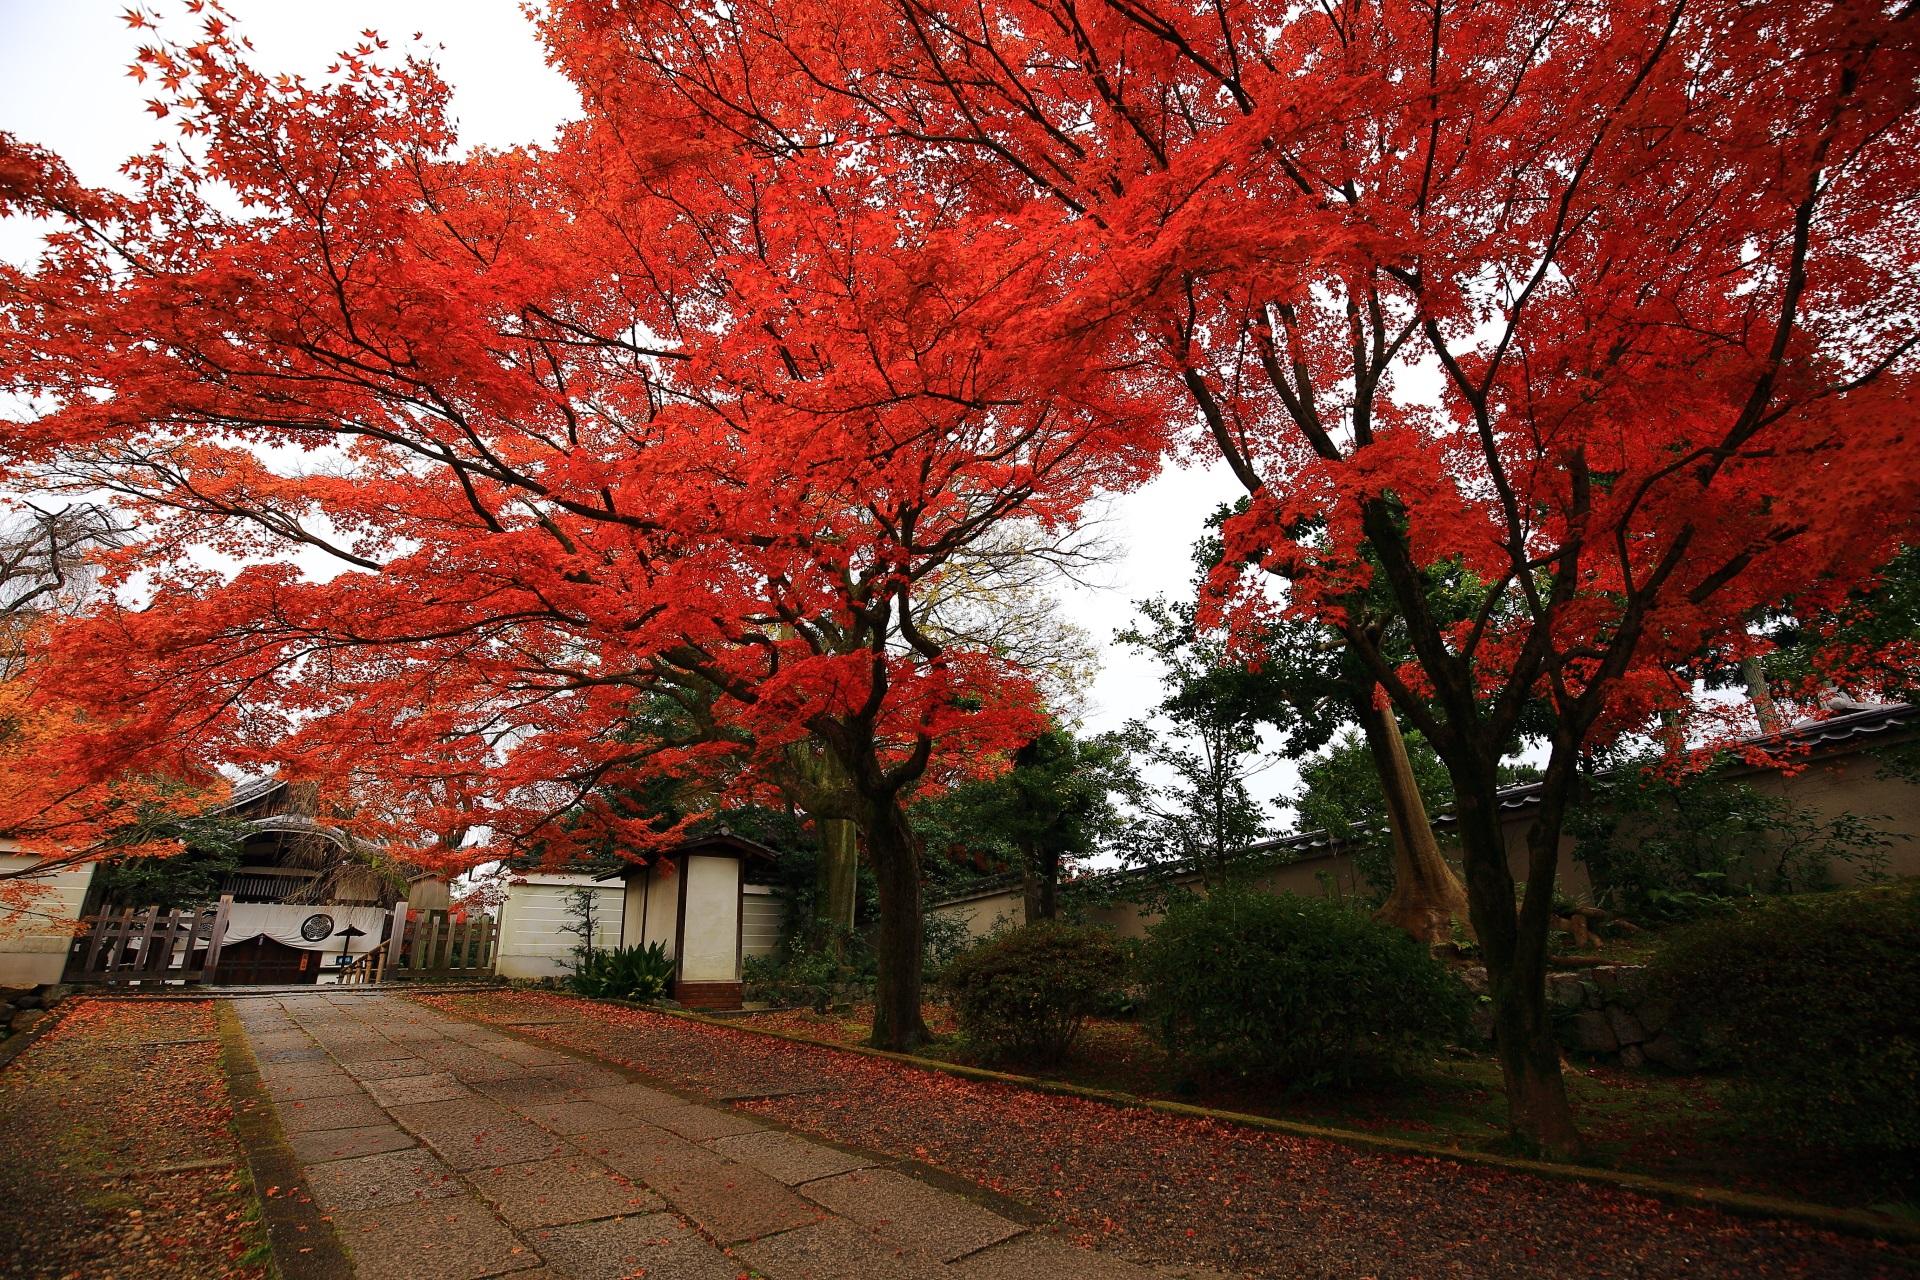 養源院の玄関前の華やぐ鮮やかな紅葉